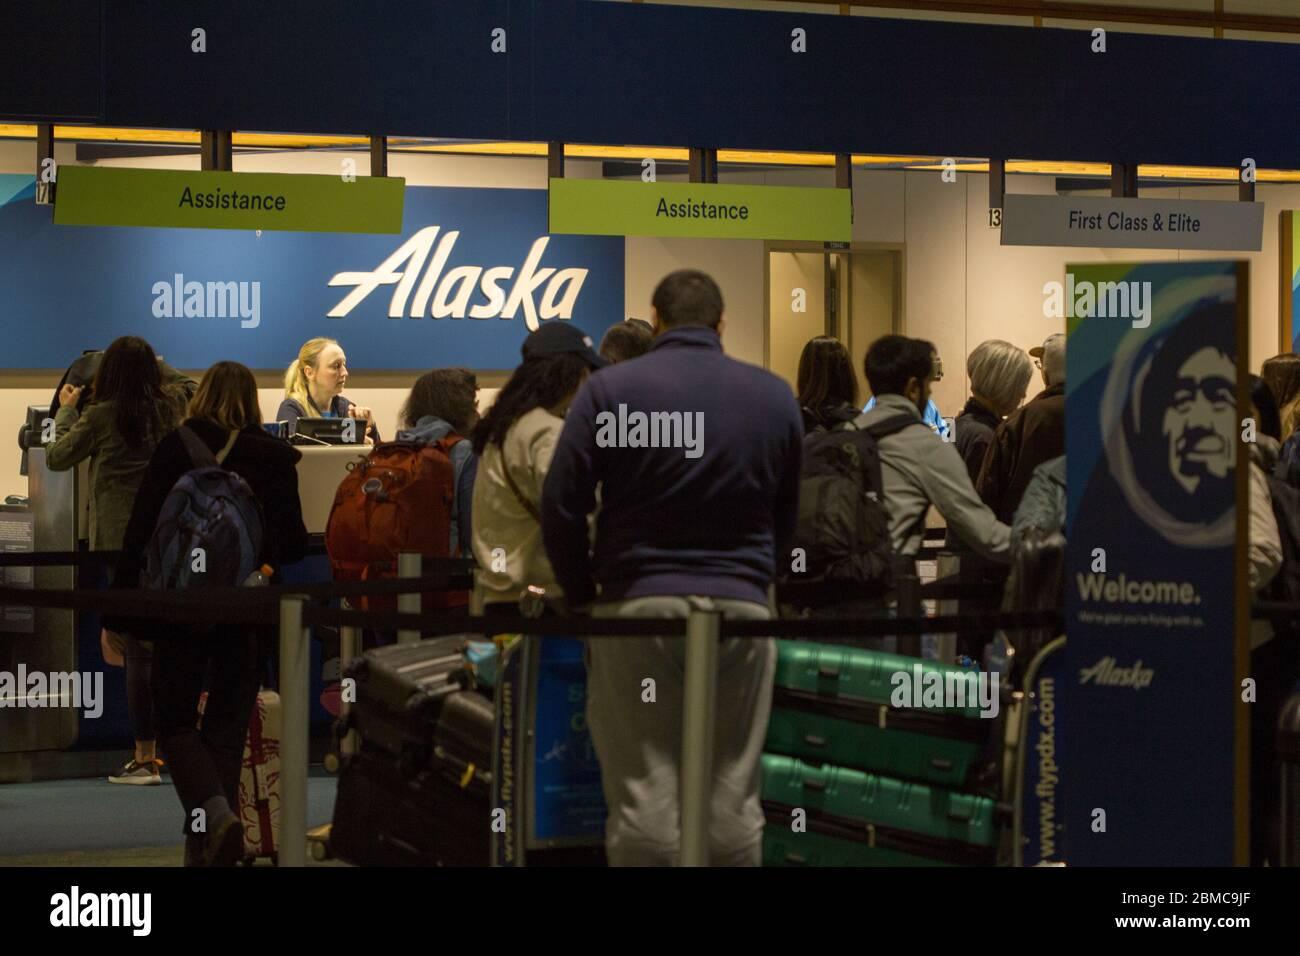 Passagiere, die am 13. Februar 2020 am Check-in-Schalter von Alaska Airlines am Portland International Airport in der Nacht auf ihr Gepäck warten. Stockfoto